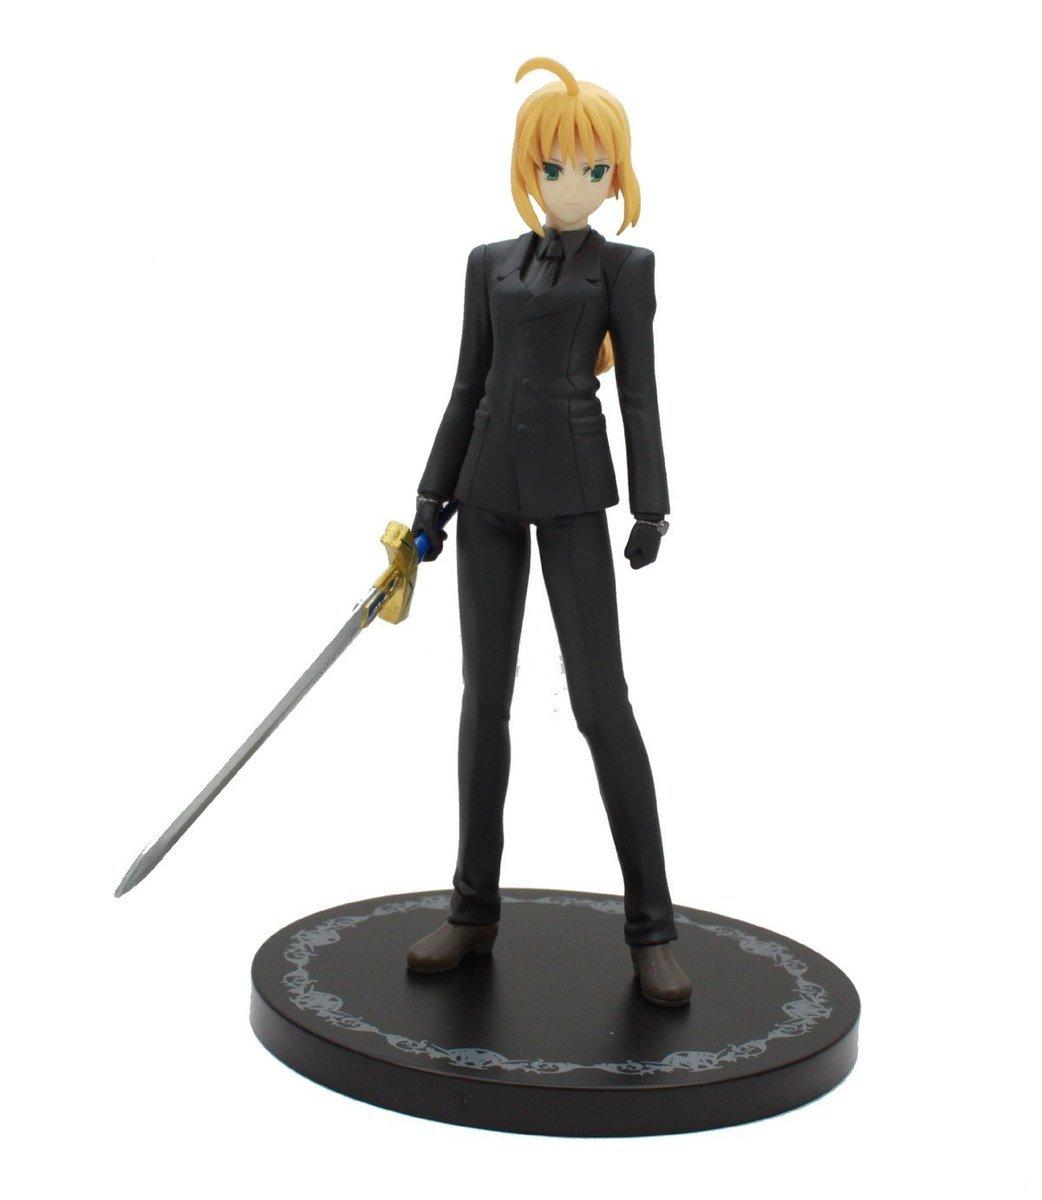 Fate/Zero DX 景品 西服Saber